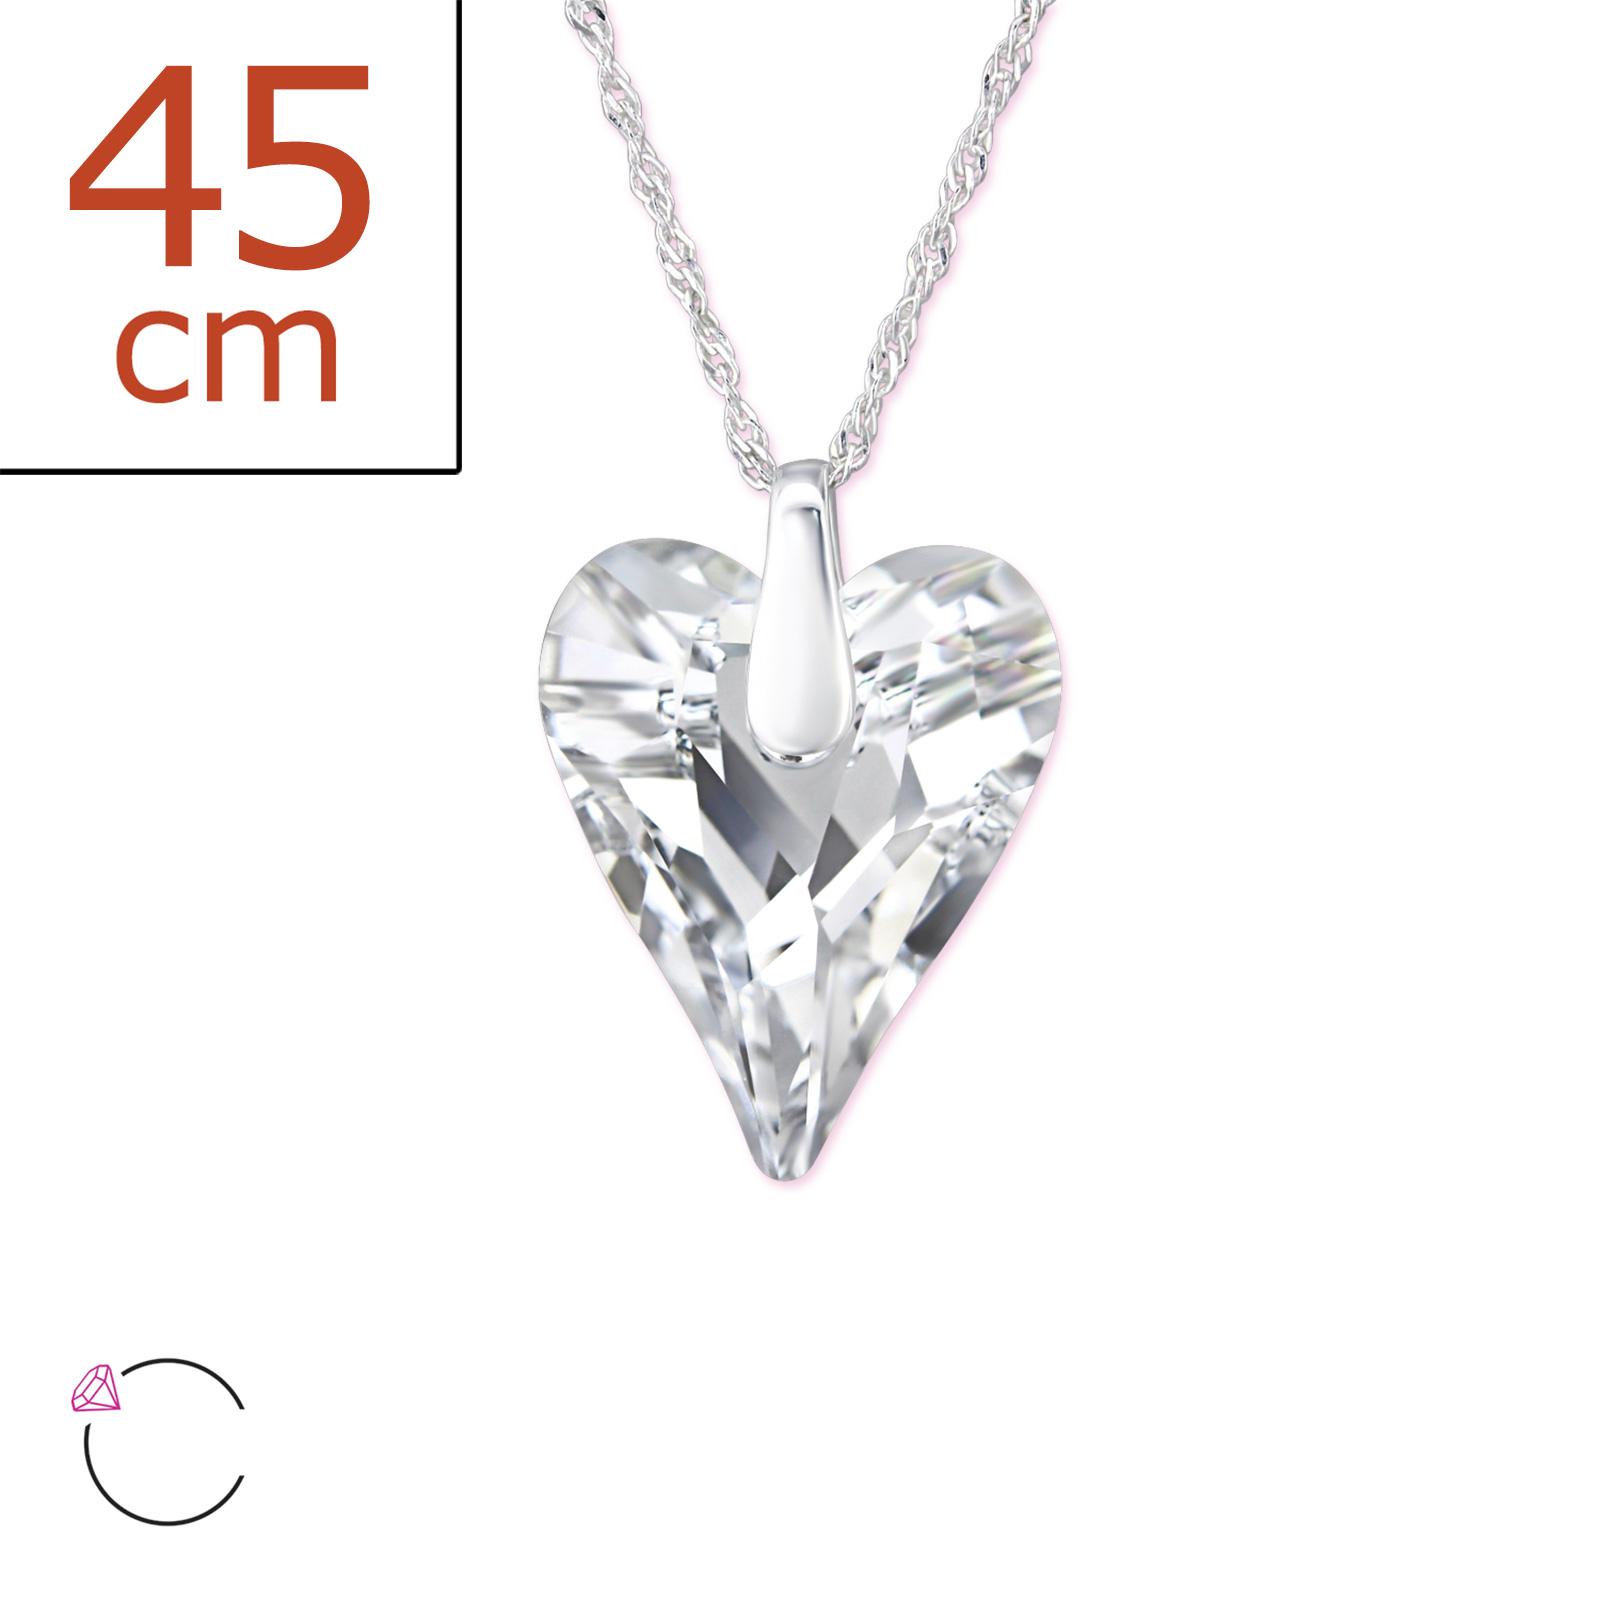 0126 Stříbrný řetízek s přívěskem SRDCE se Swarovski® krystalem Ag 925; 1,50 g.